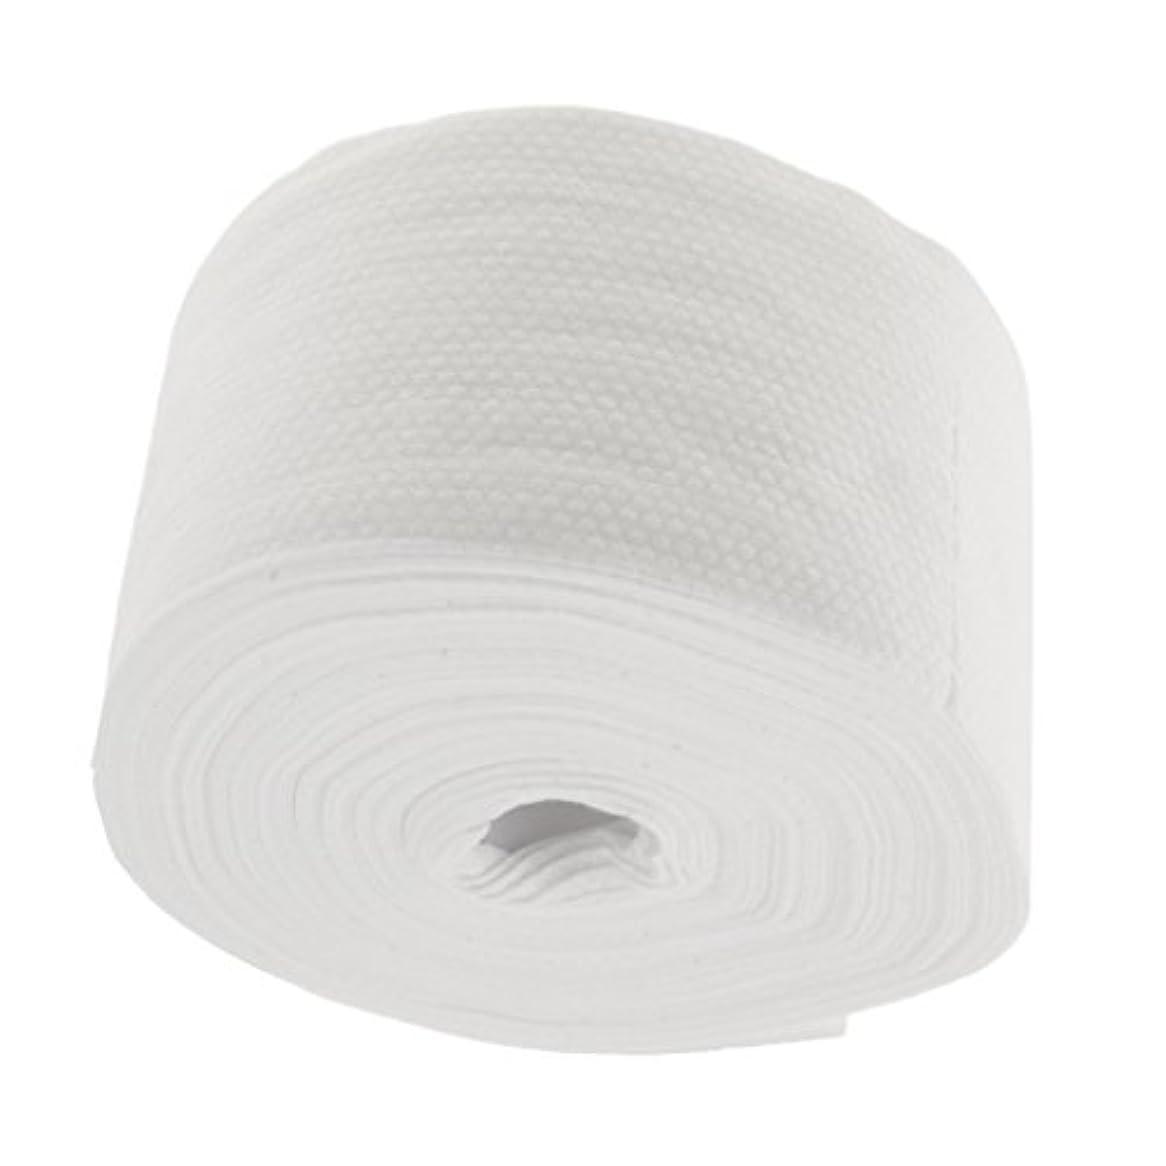 ロール式 使い捨て 洗顔タオル 使い捨てタオル 30M コットン 繊維 メイクリムーバー 快適 - #2